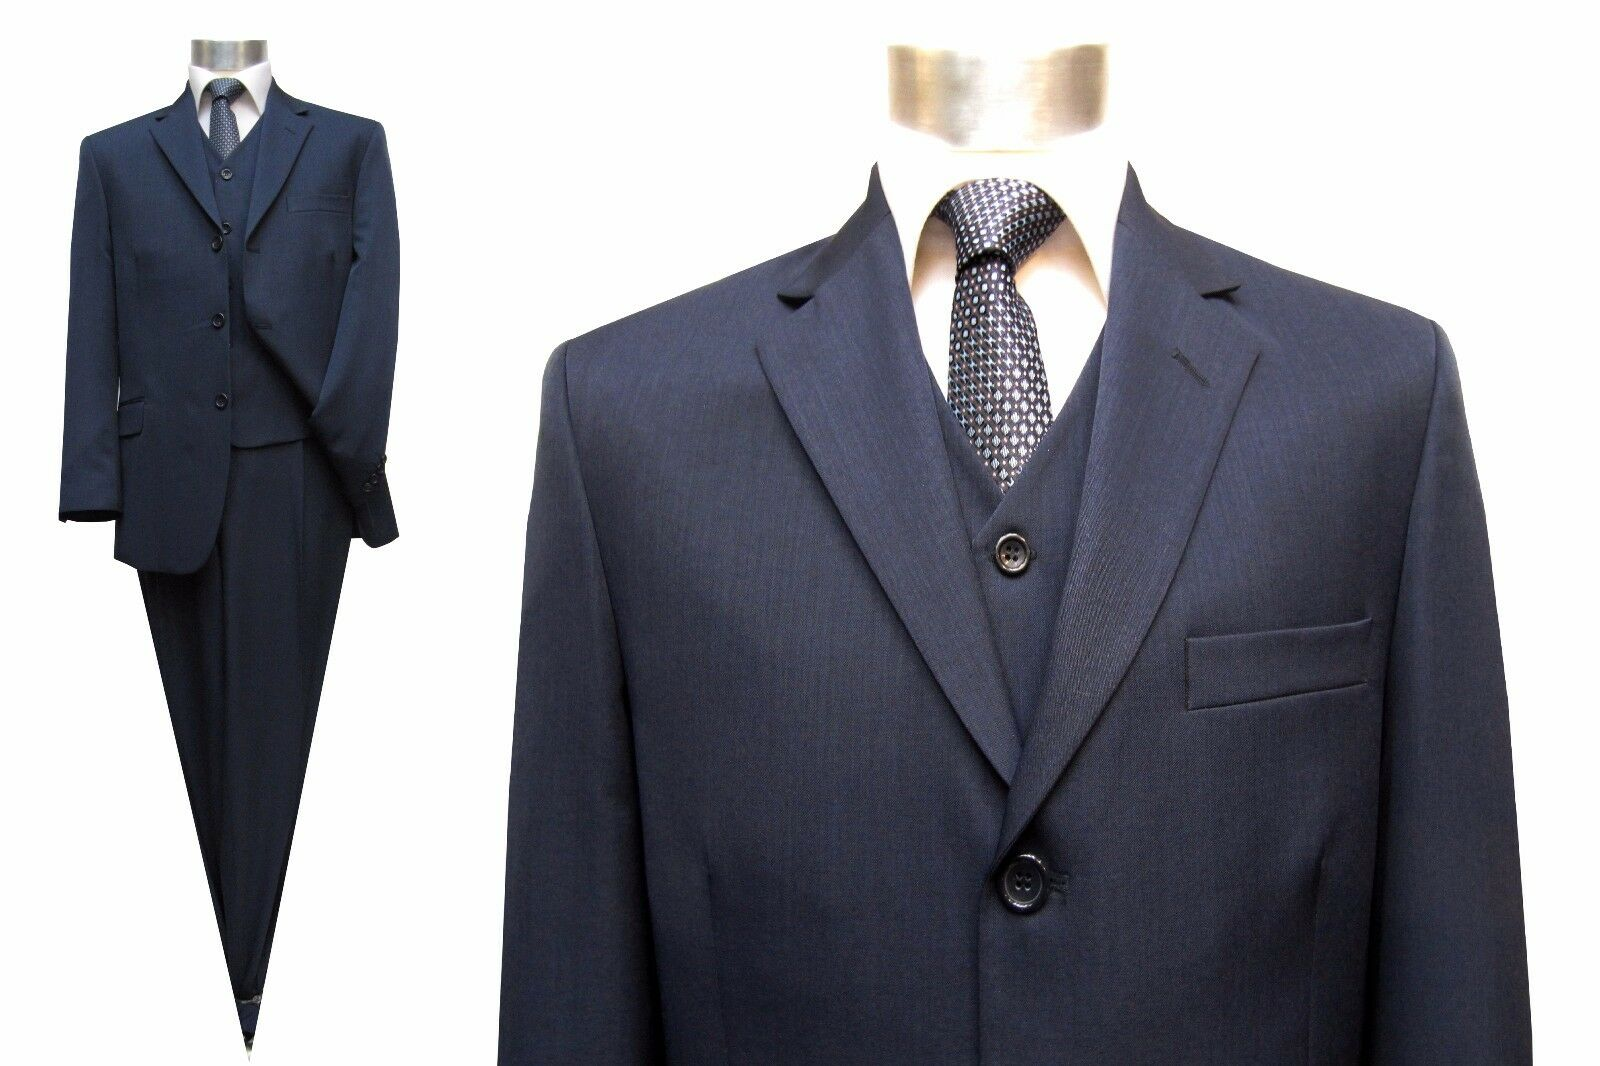 Herren Anzug mit Weste Gr.68 Marine Blau